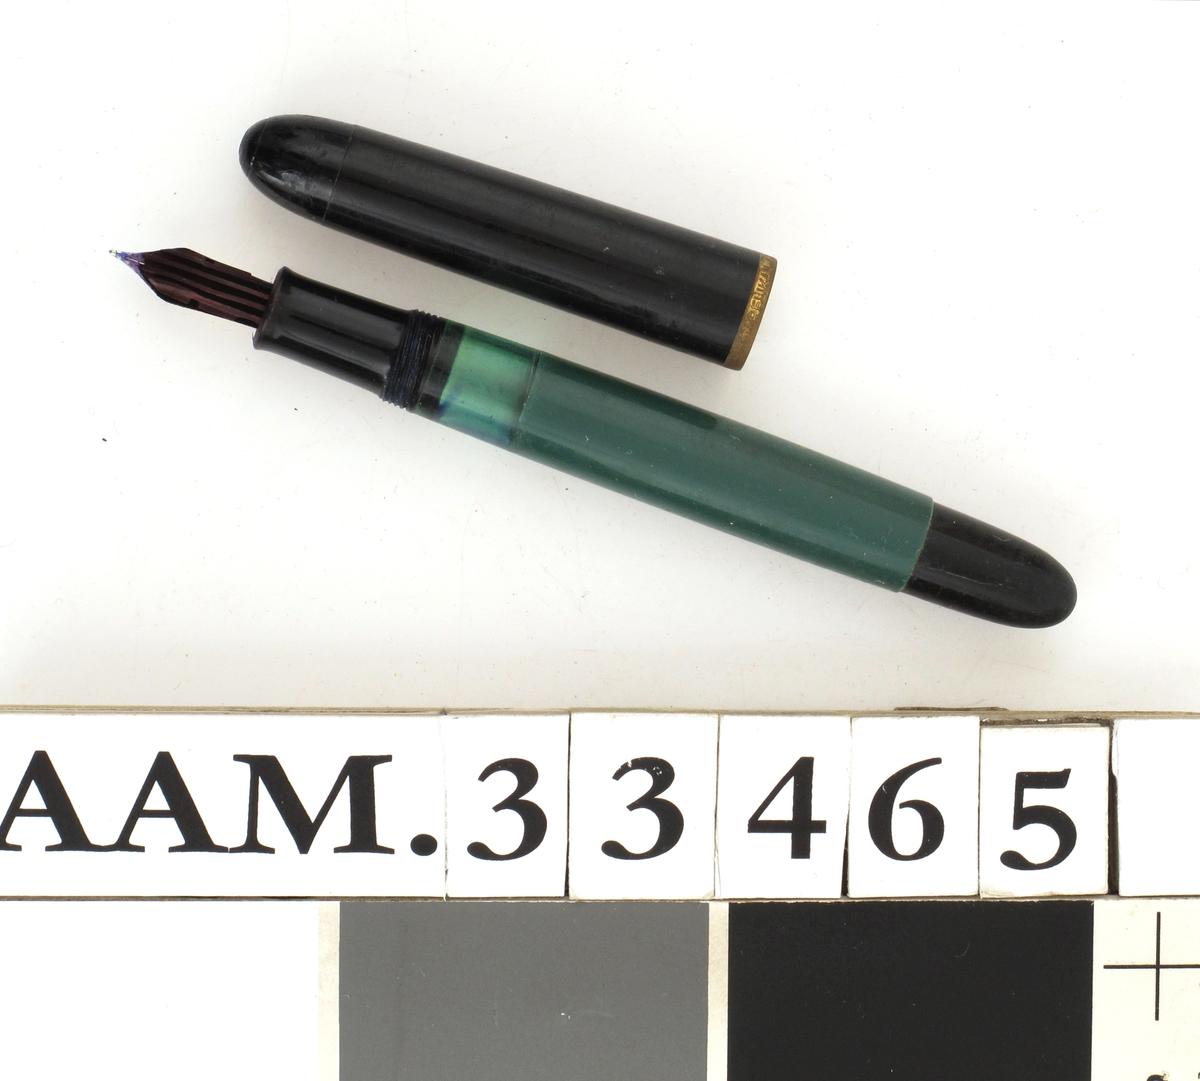 Fyllepenn i grønn og sort plast.